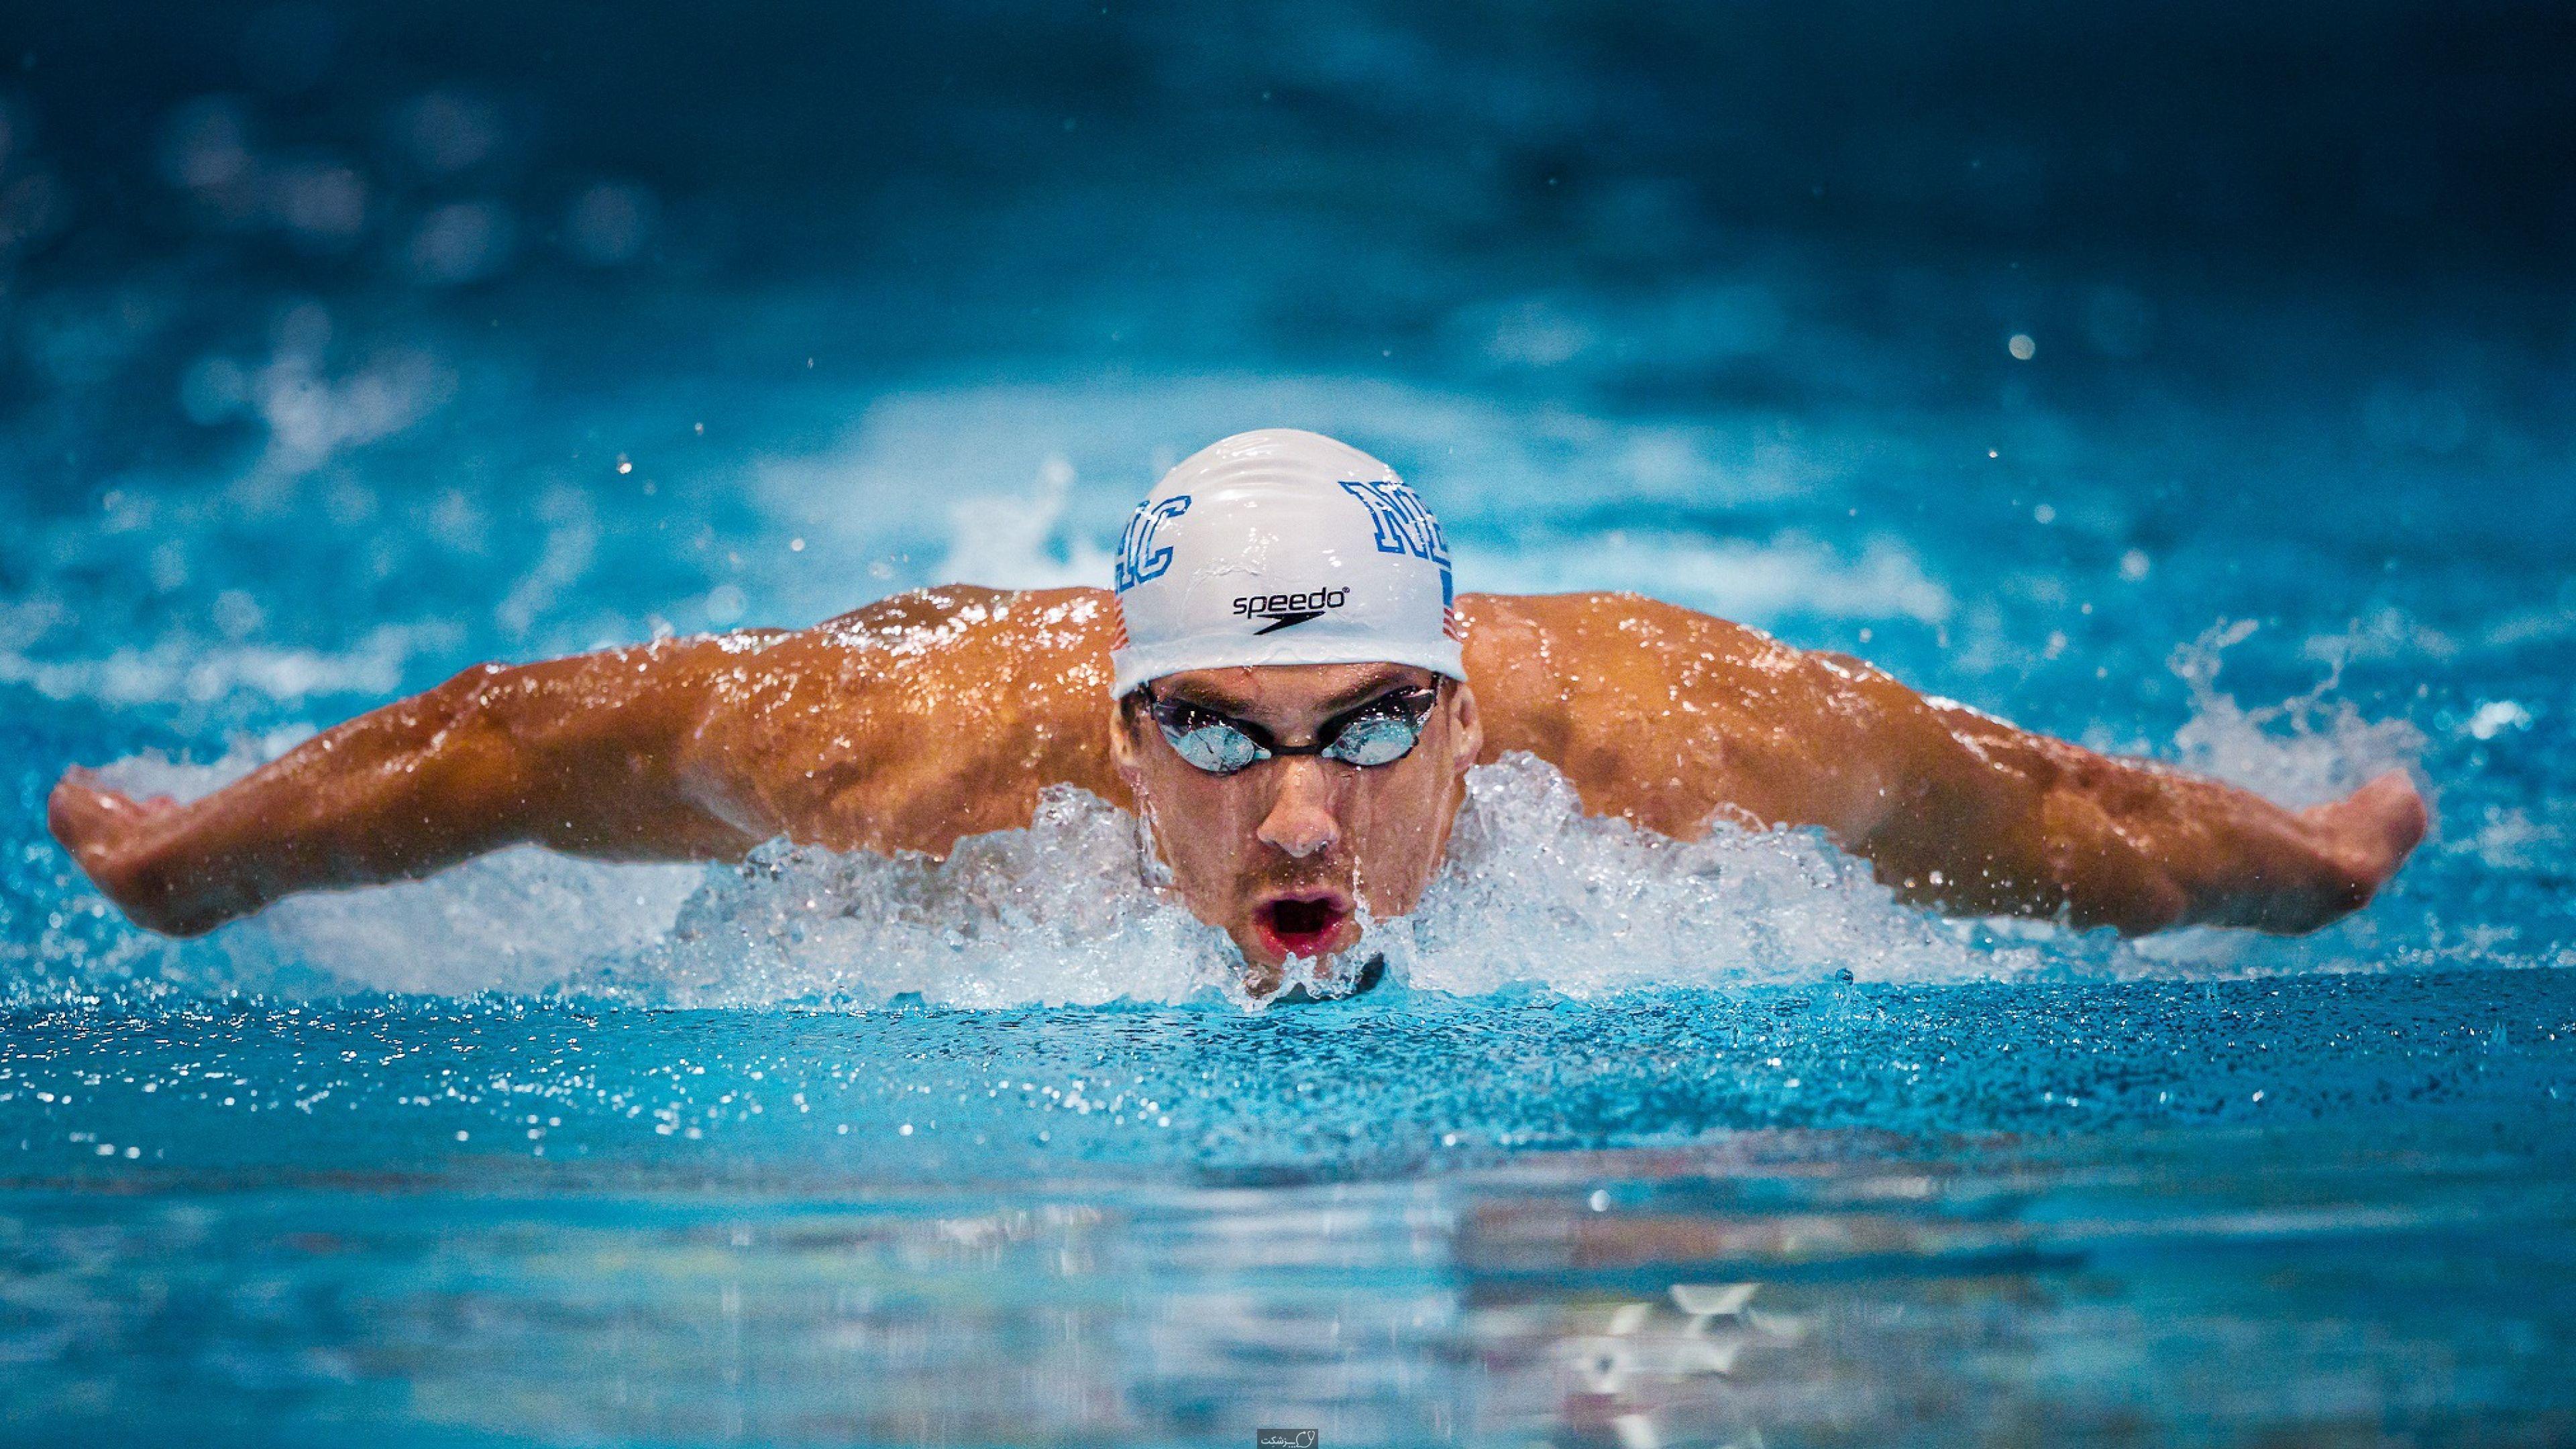 گوش شناگر | پزشکت